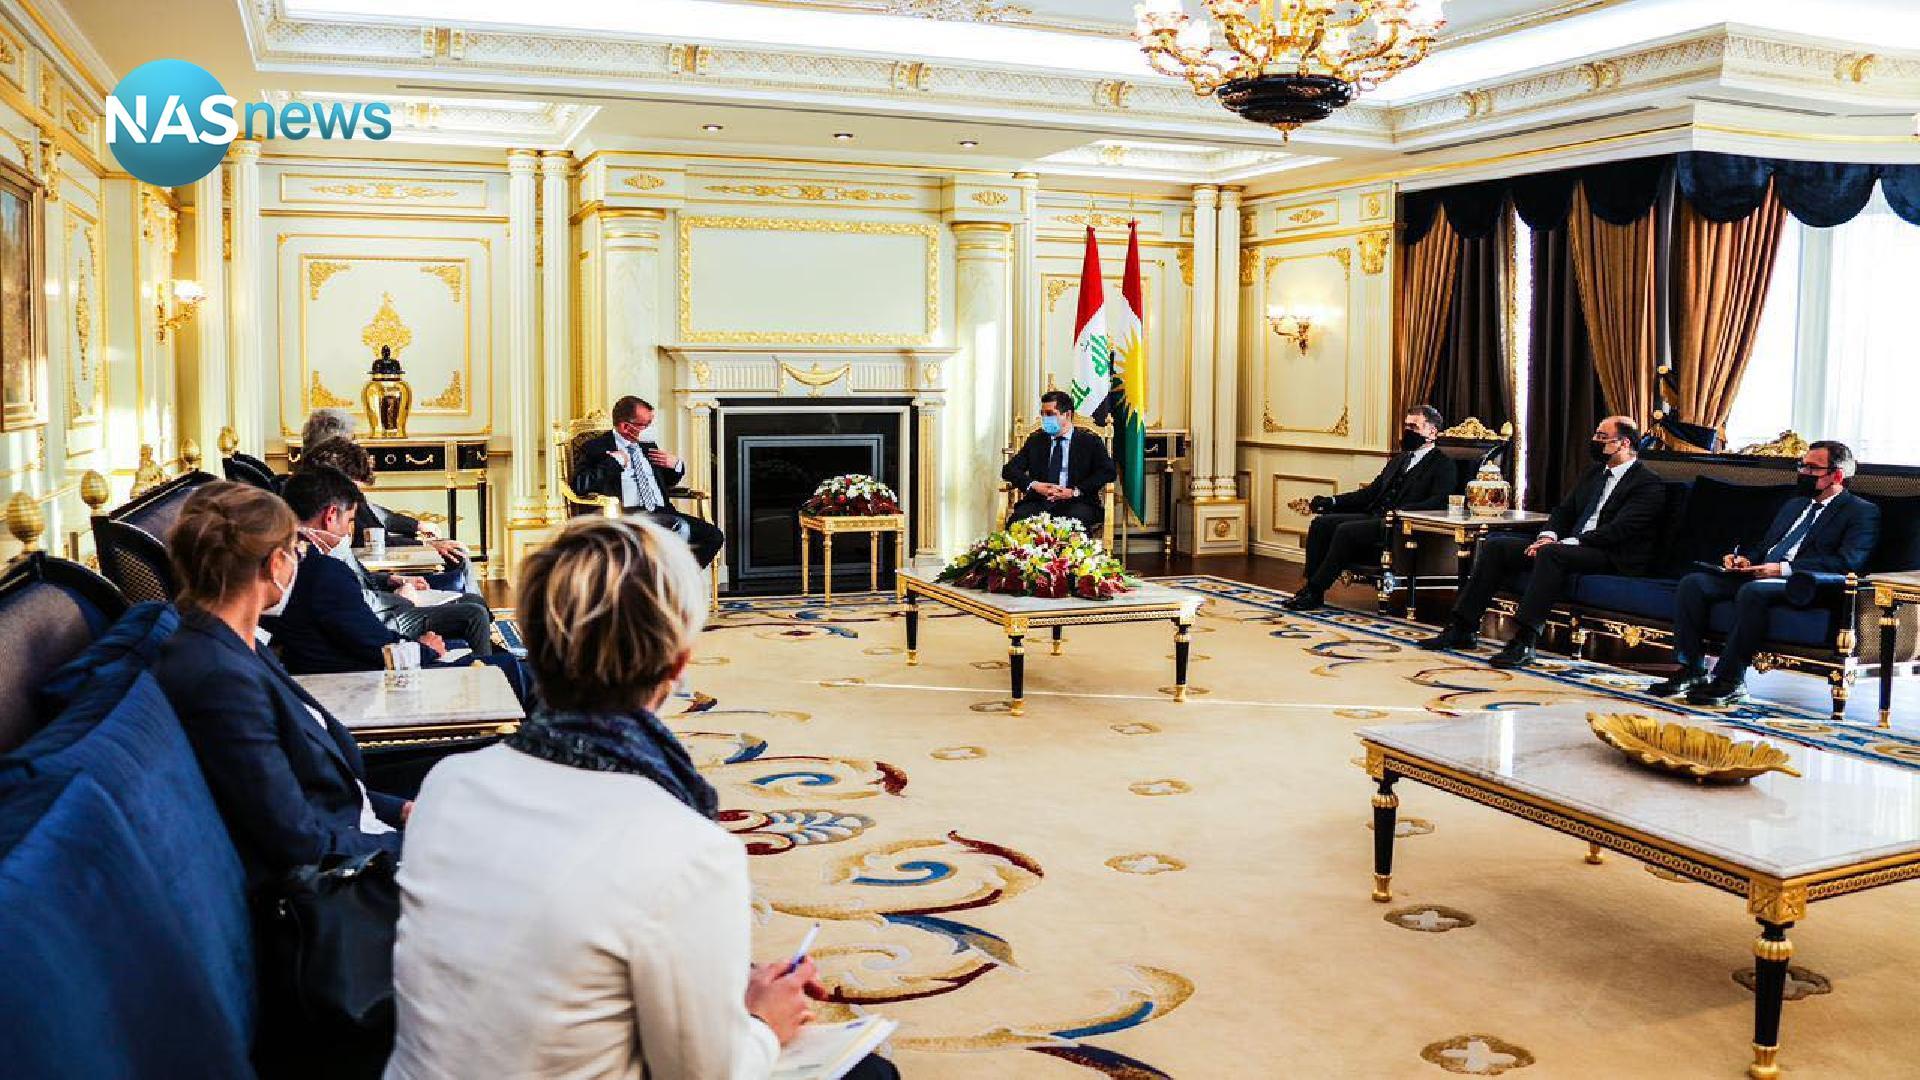 بارزاني يبحث مع سفيري فرنسا وألمانيا تنفيذ اتفاق سنجار وإحلال الاستقرار بالمنطقة